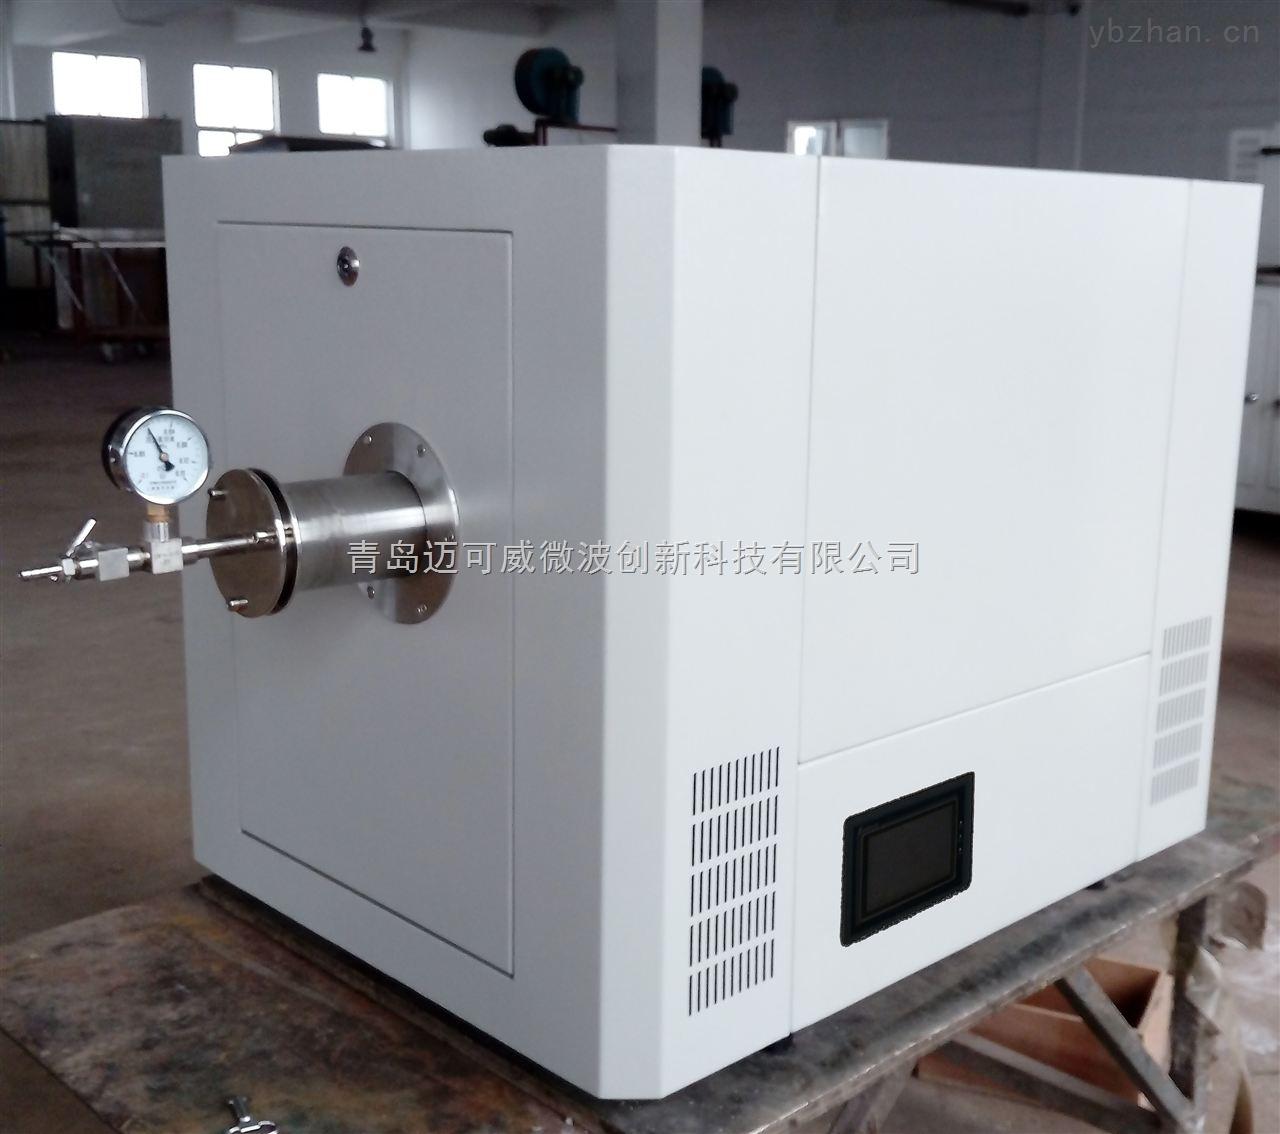 微波管式炉/管式烧结炉 1200°C 专业制造商供应